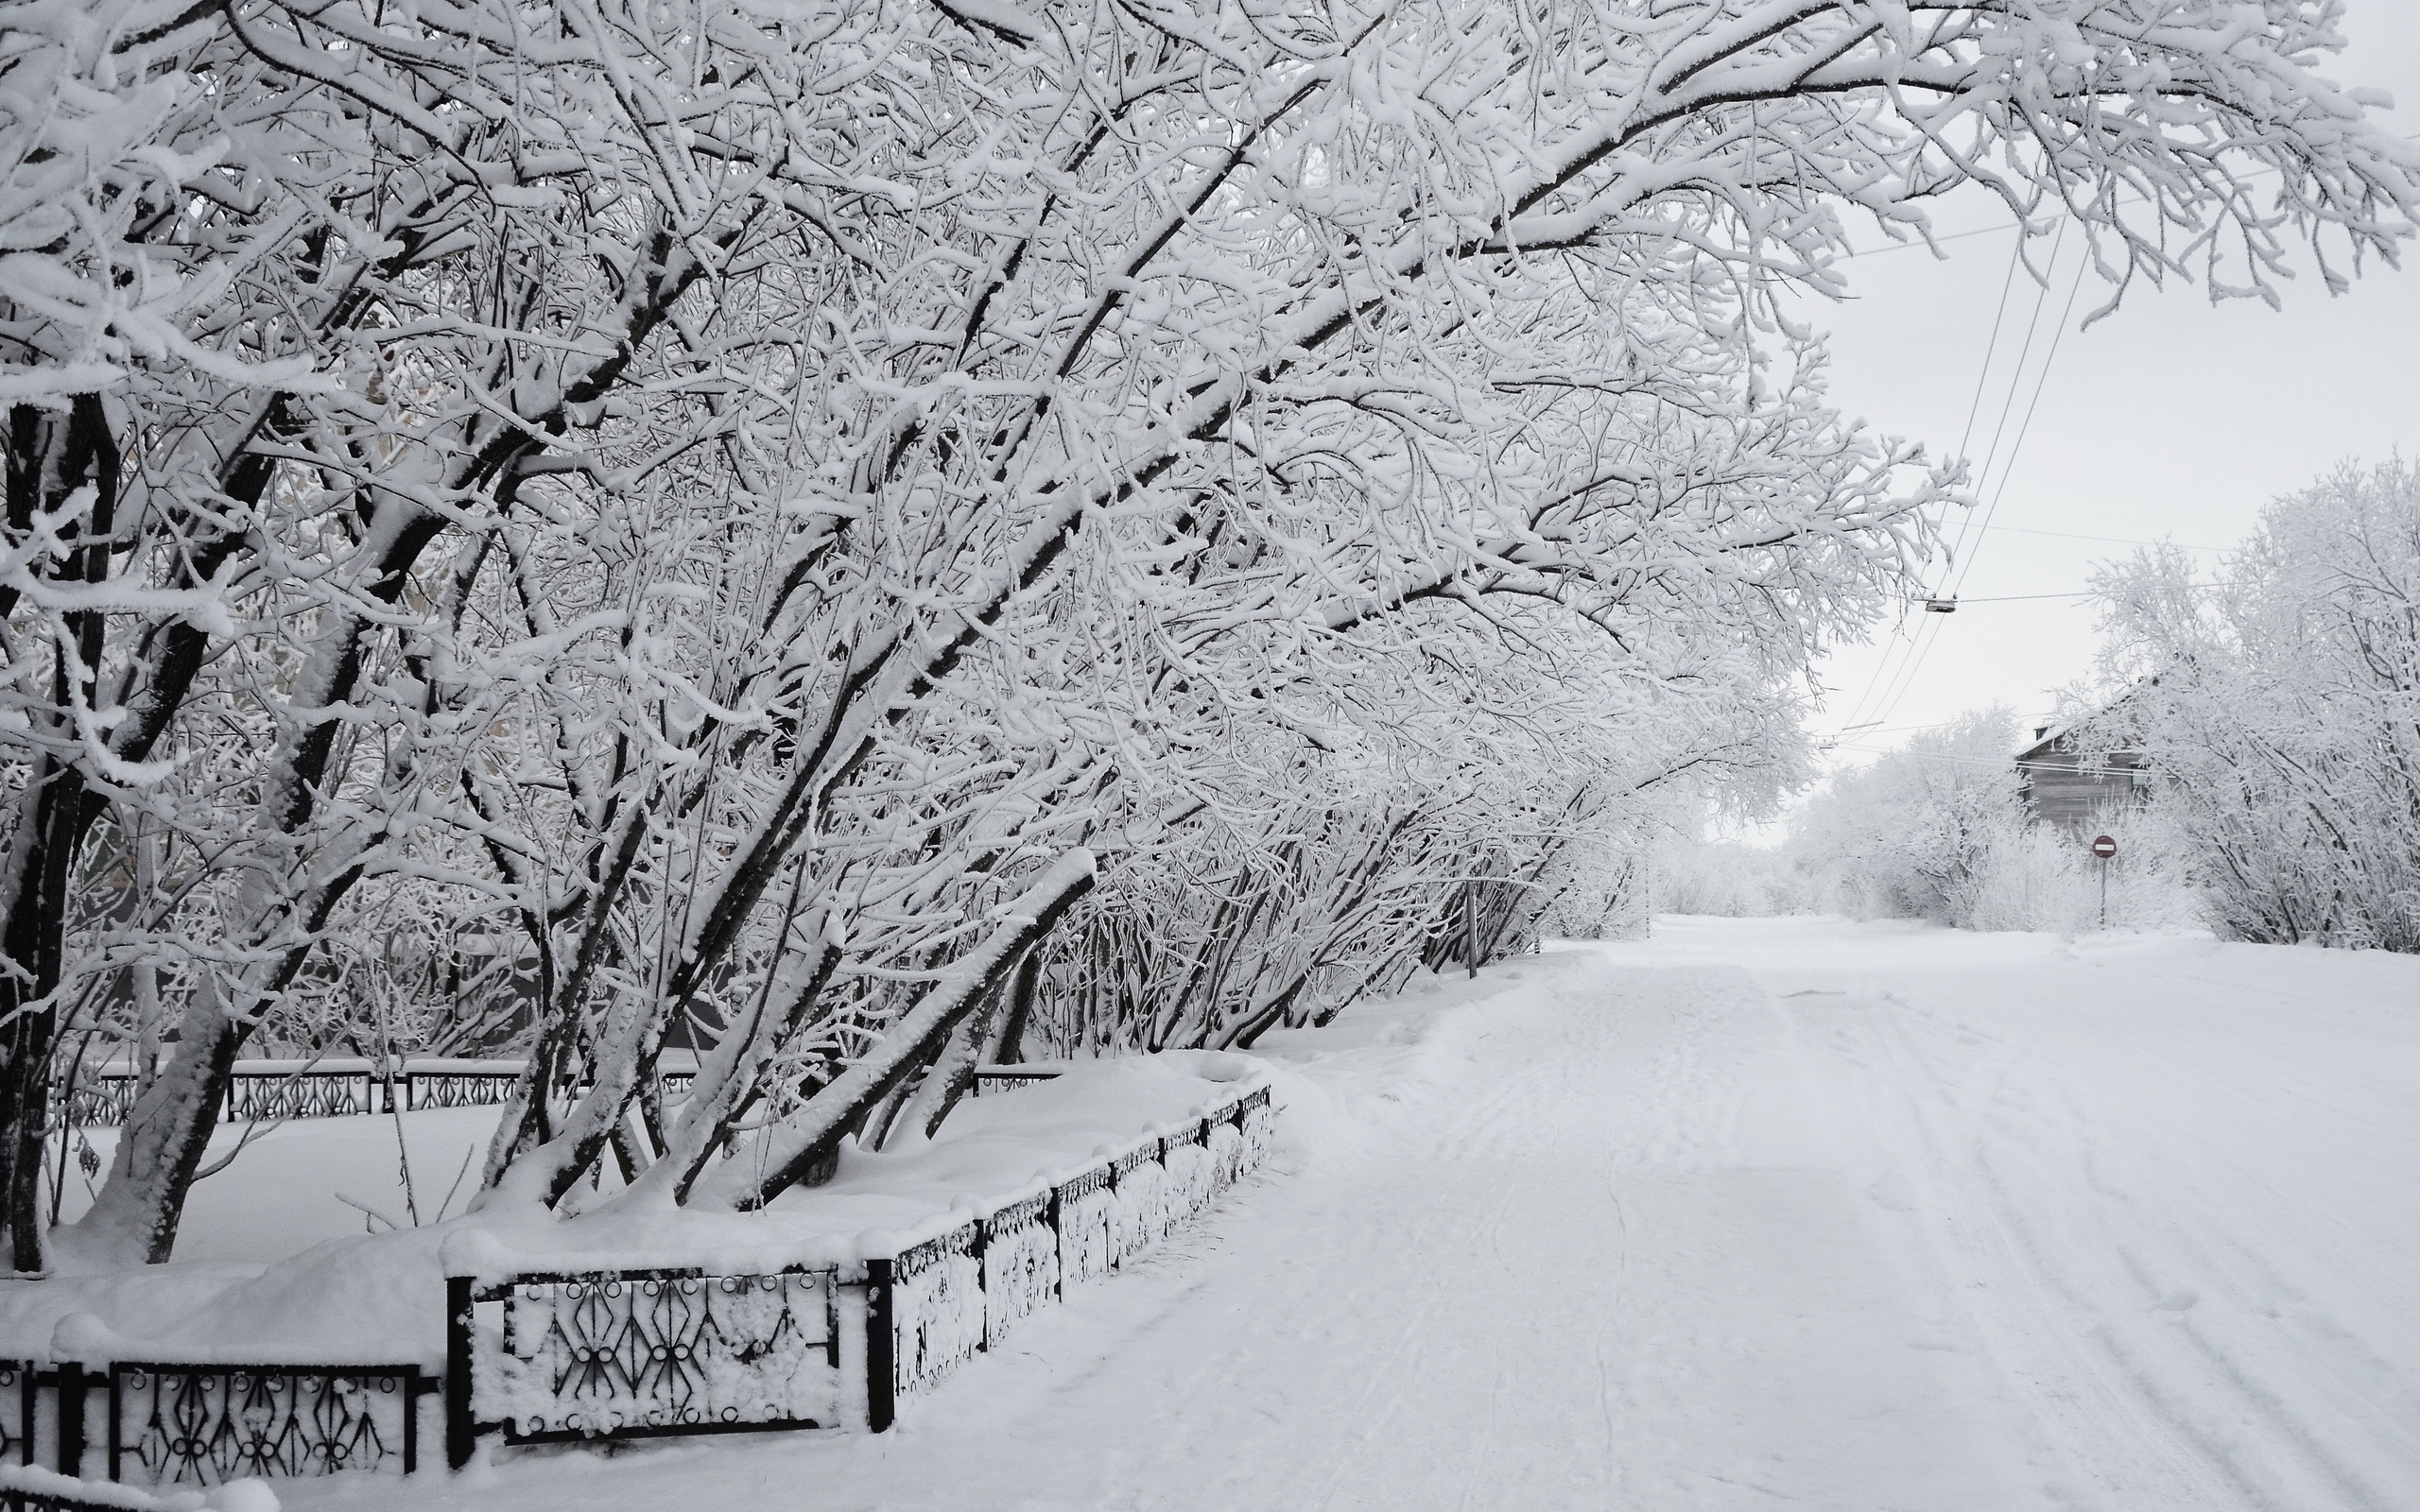 Зима Фото Скачать Бесплатно Зимние Фото Красивые